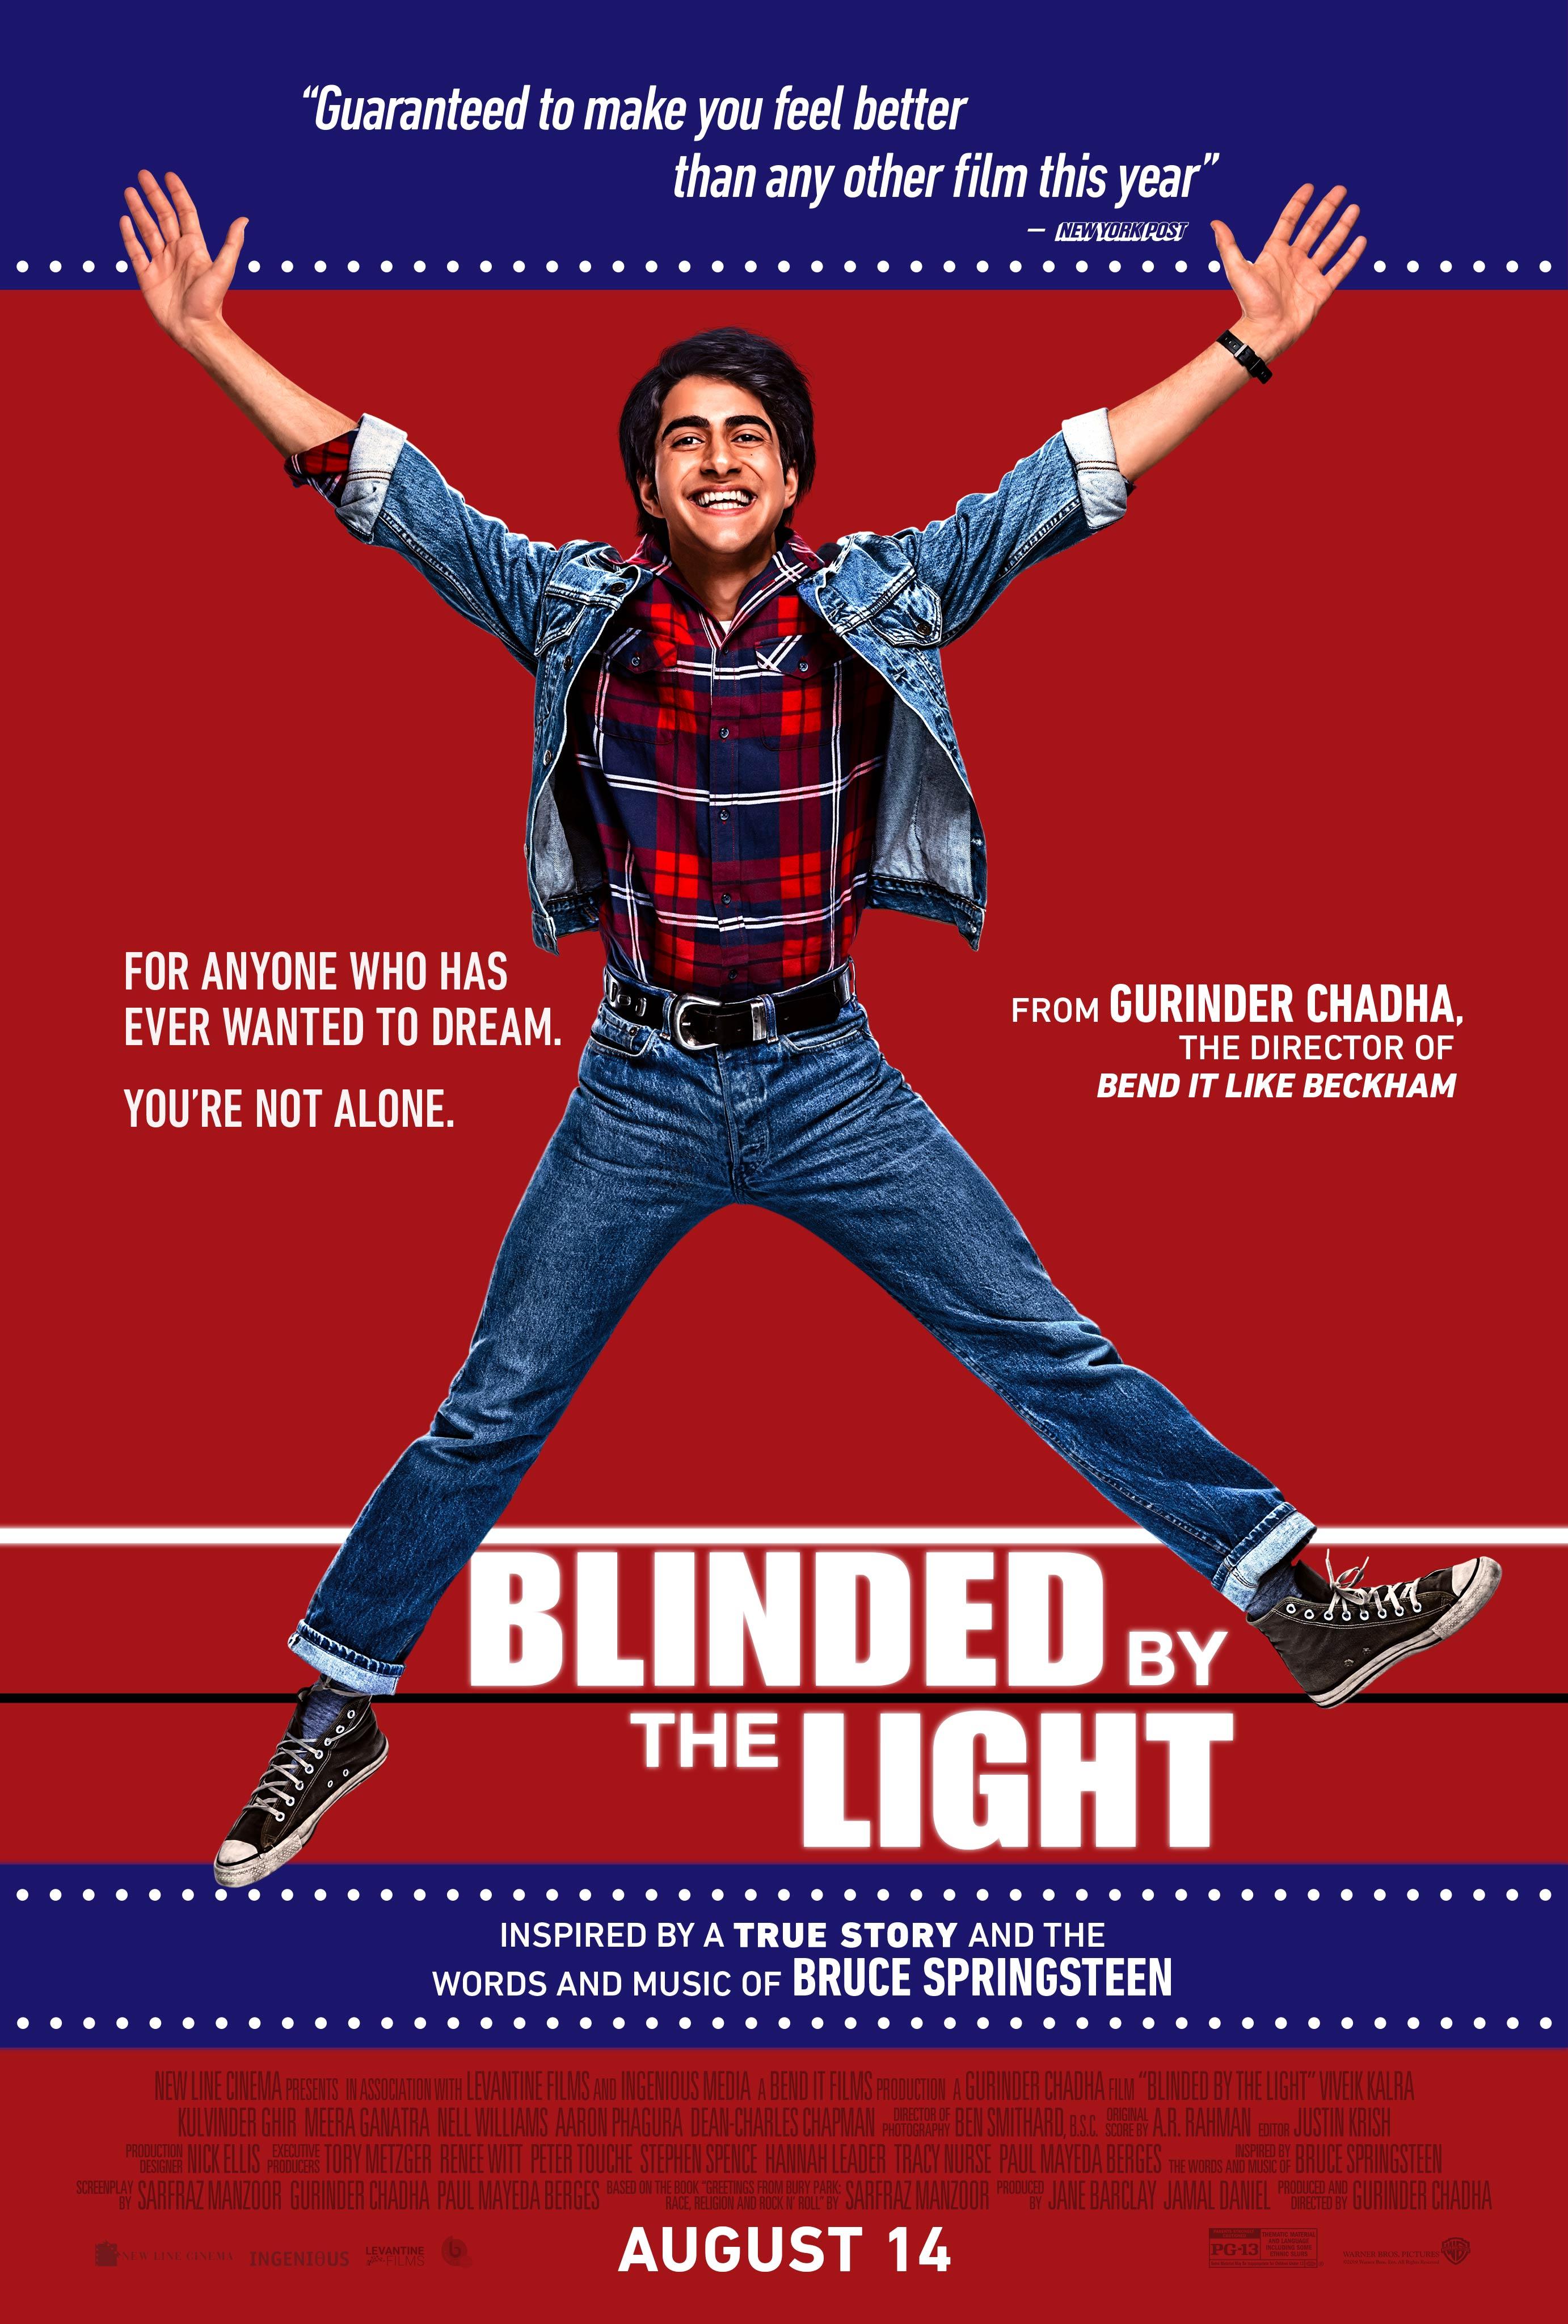 Blinded By The Light, in arrivo nelle sale italiane il film con le musiche di Bruce Springsteen